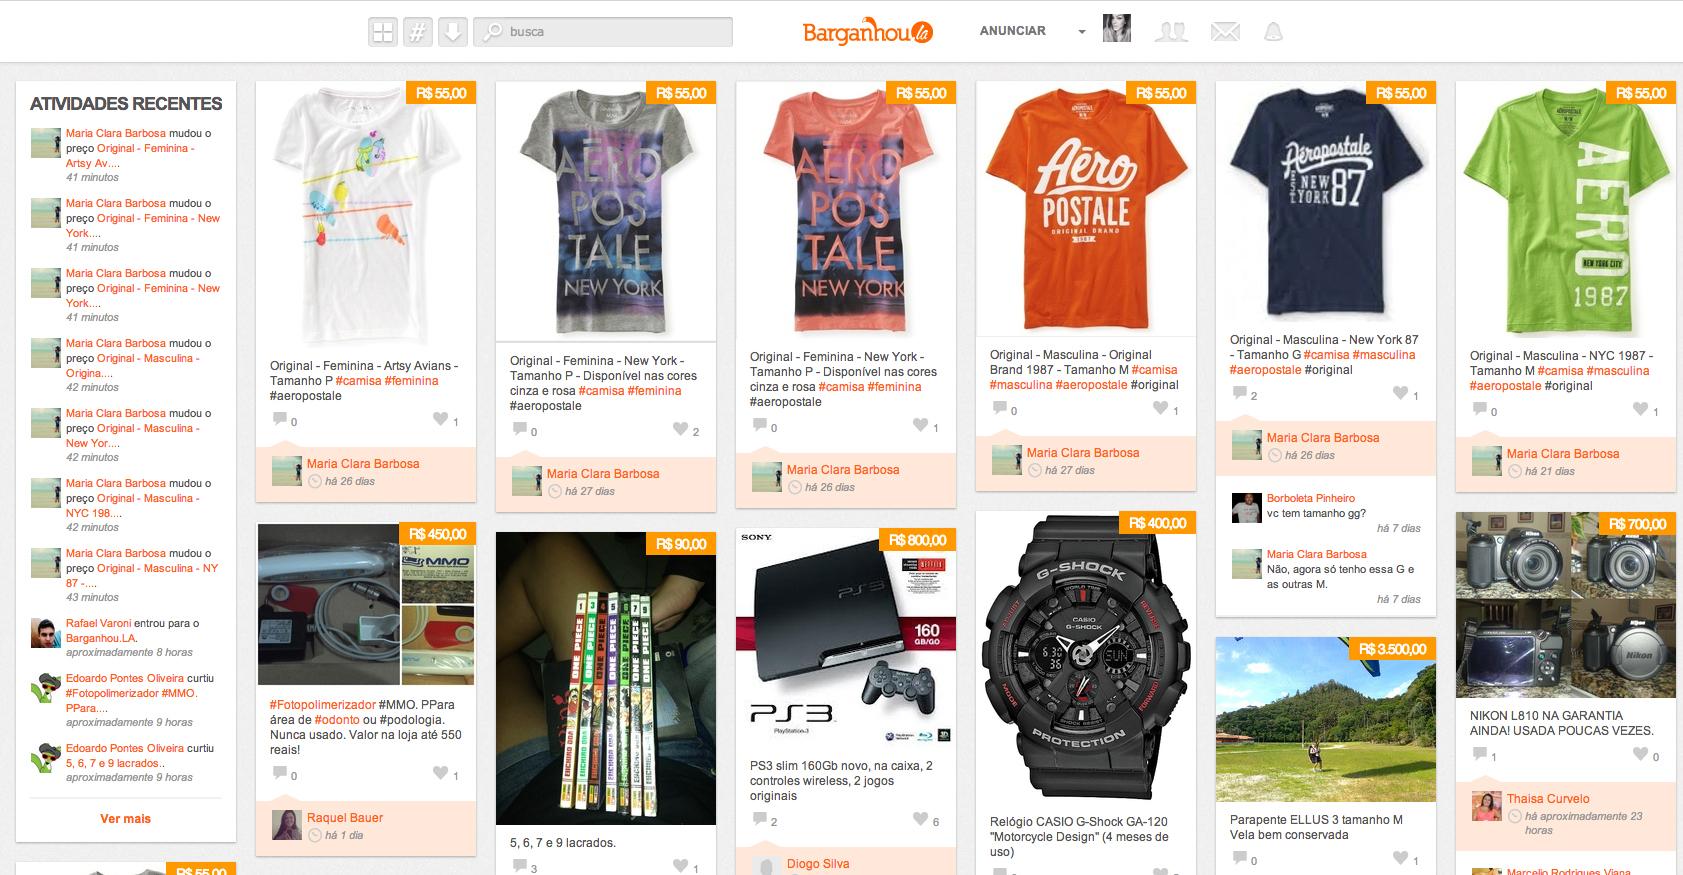 Barganhou.la utiliza formato visual similar ao Pinterest para negociações de produtos entre amigos do Facebook. (Foto: Reprodução)